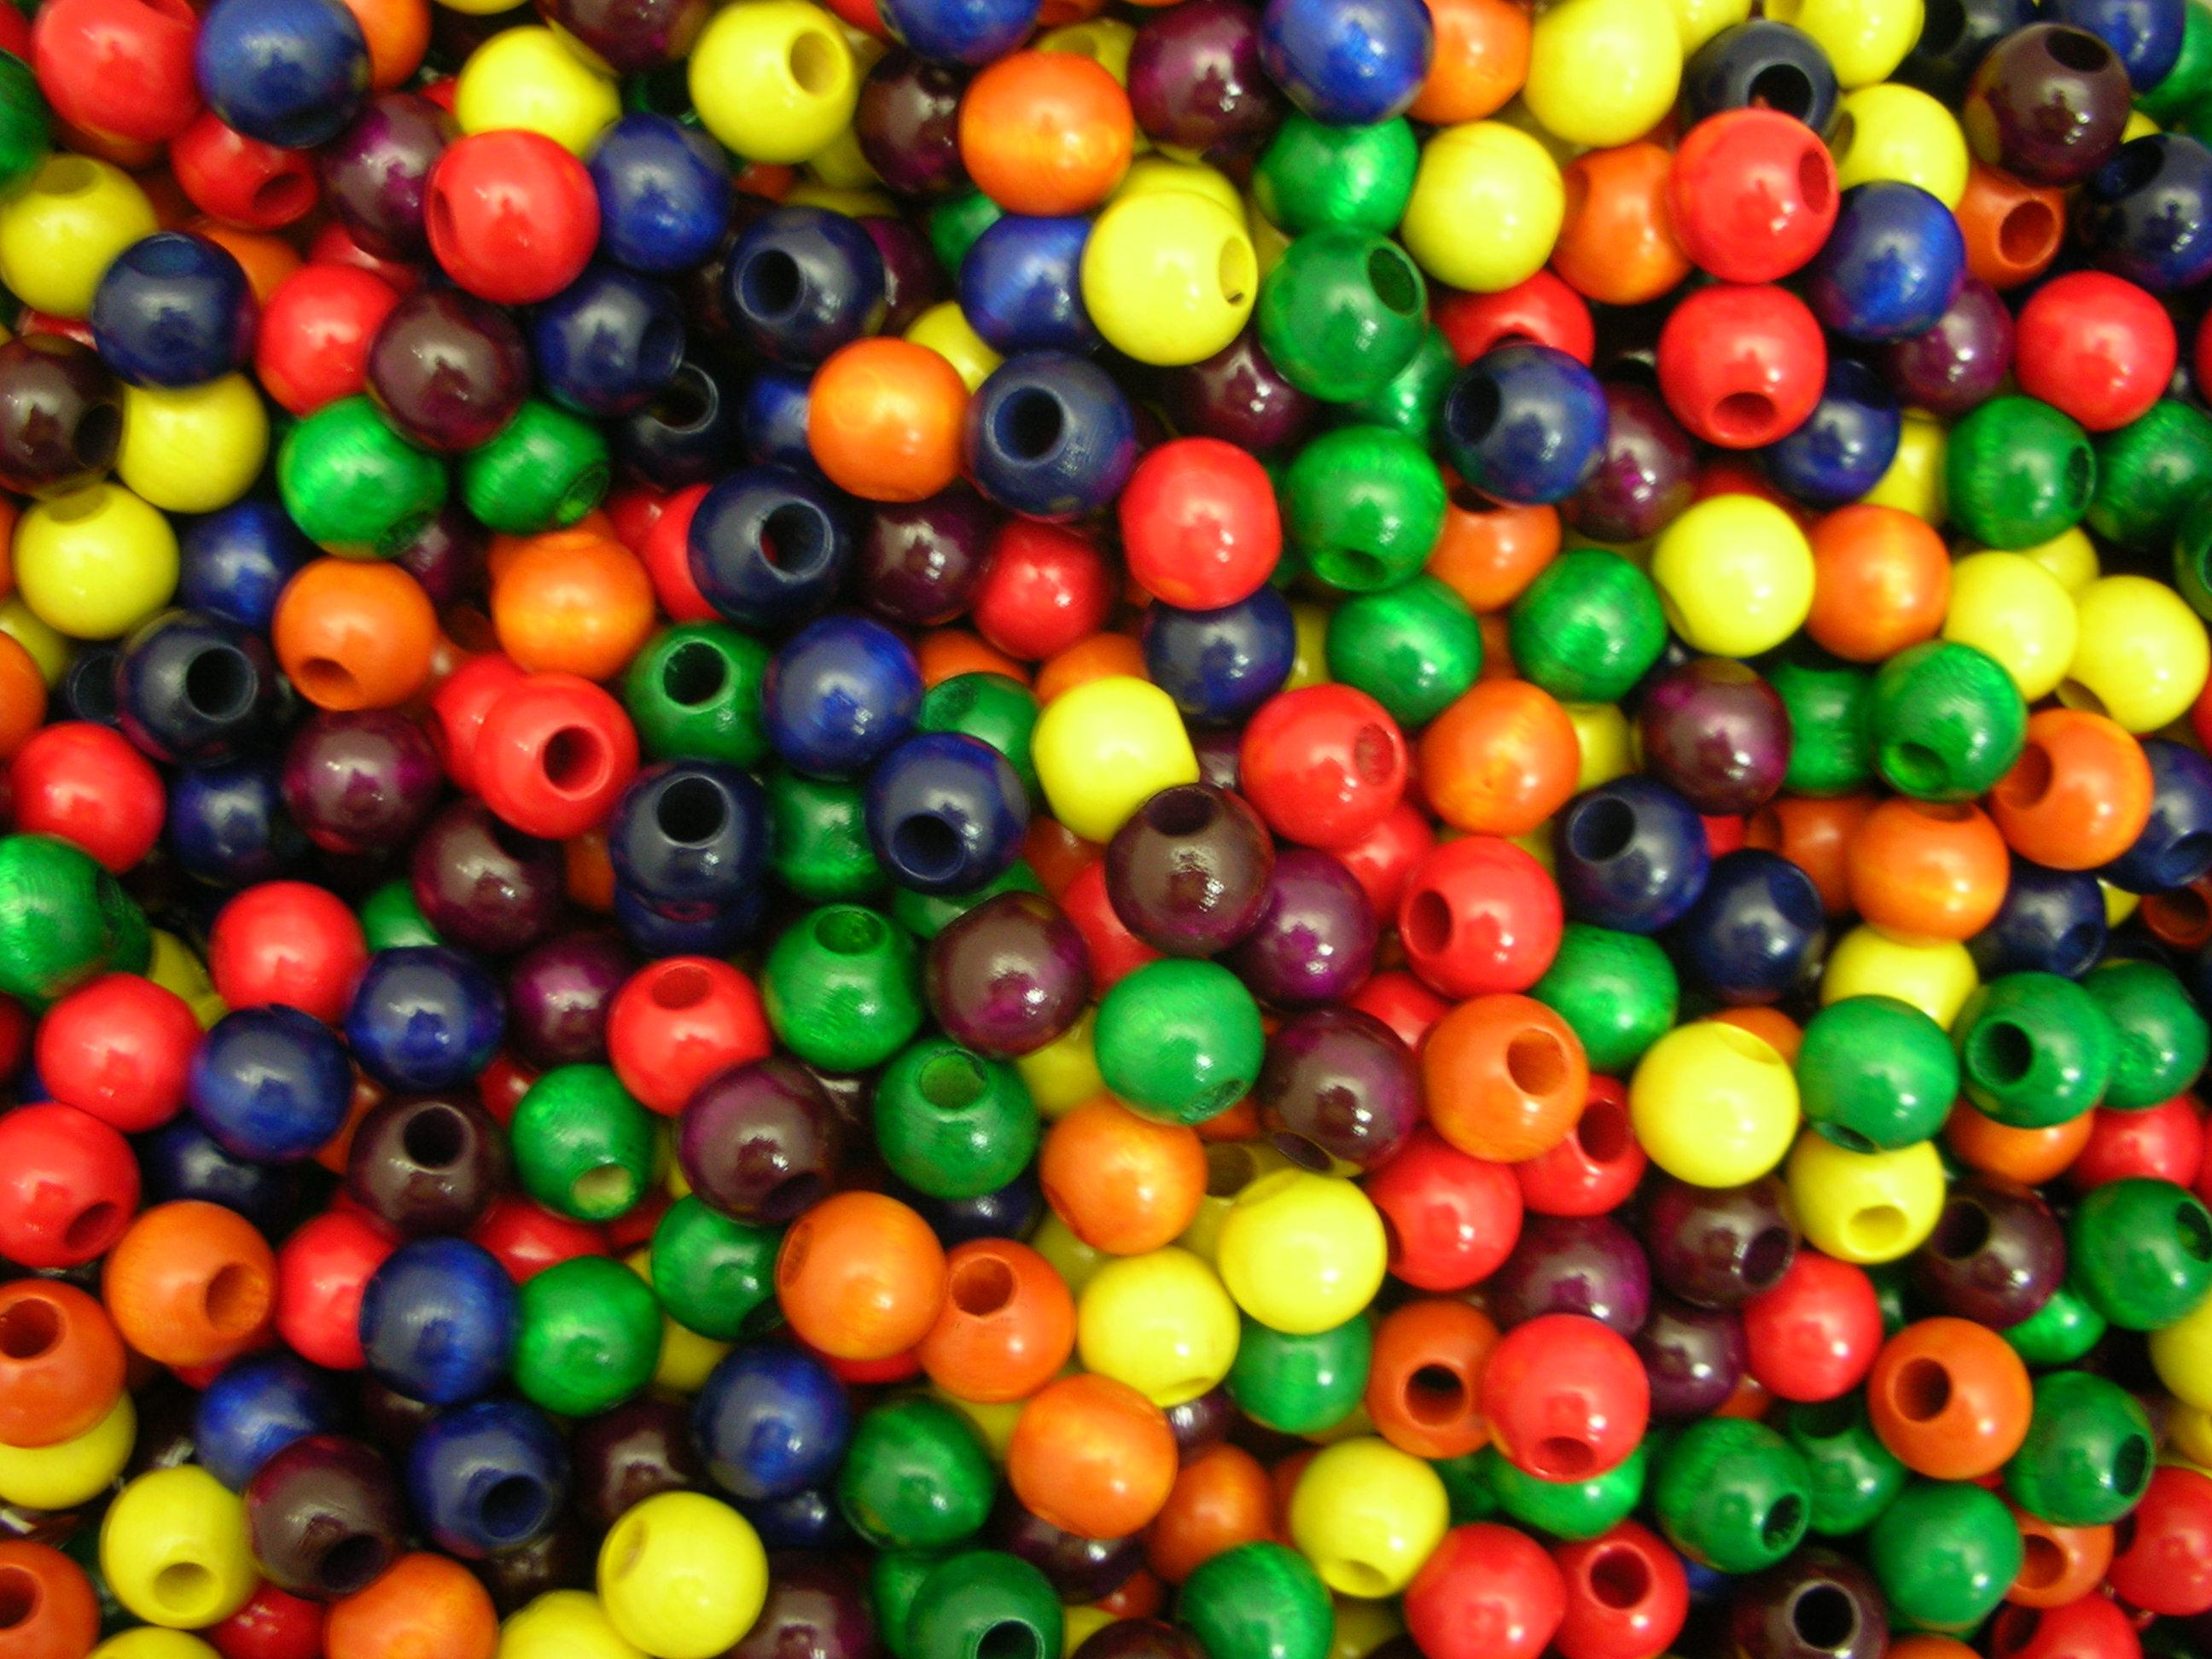 6色ビーズ(6色×20個) 〜積み木遊びが広がる木のビーズです。大穴と小穴があります。〜